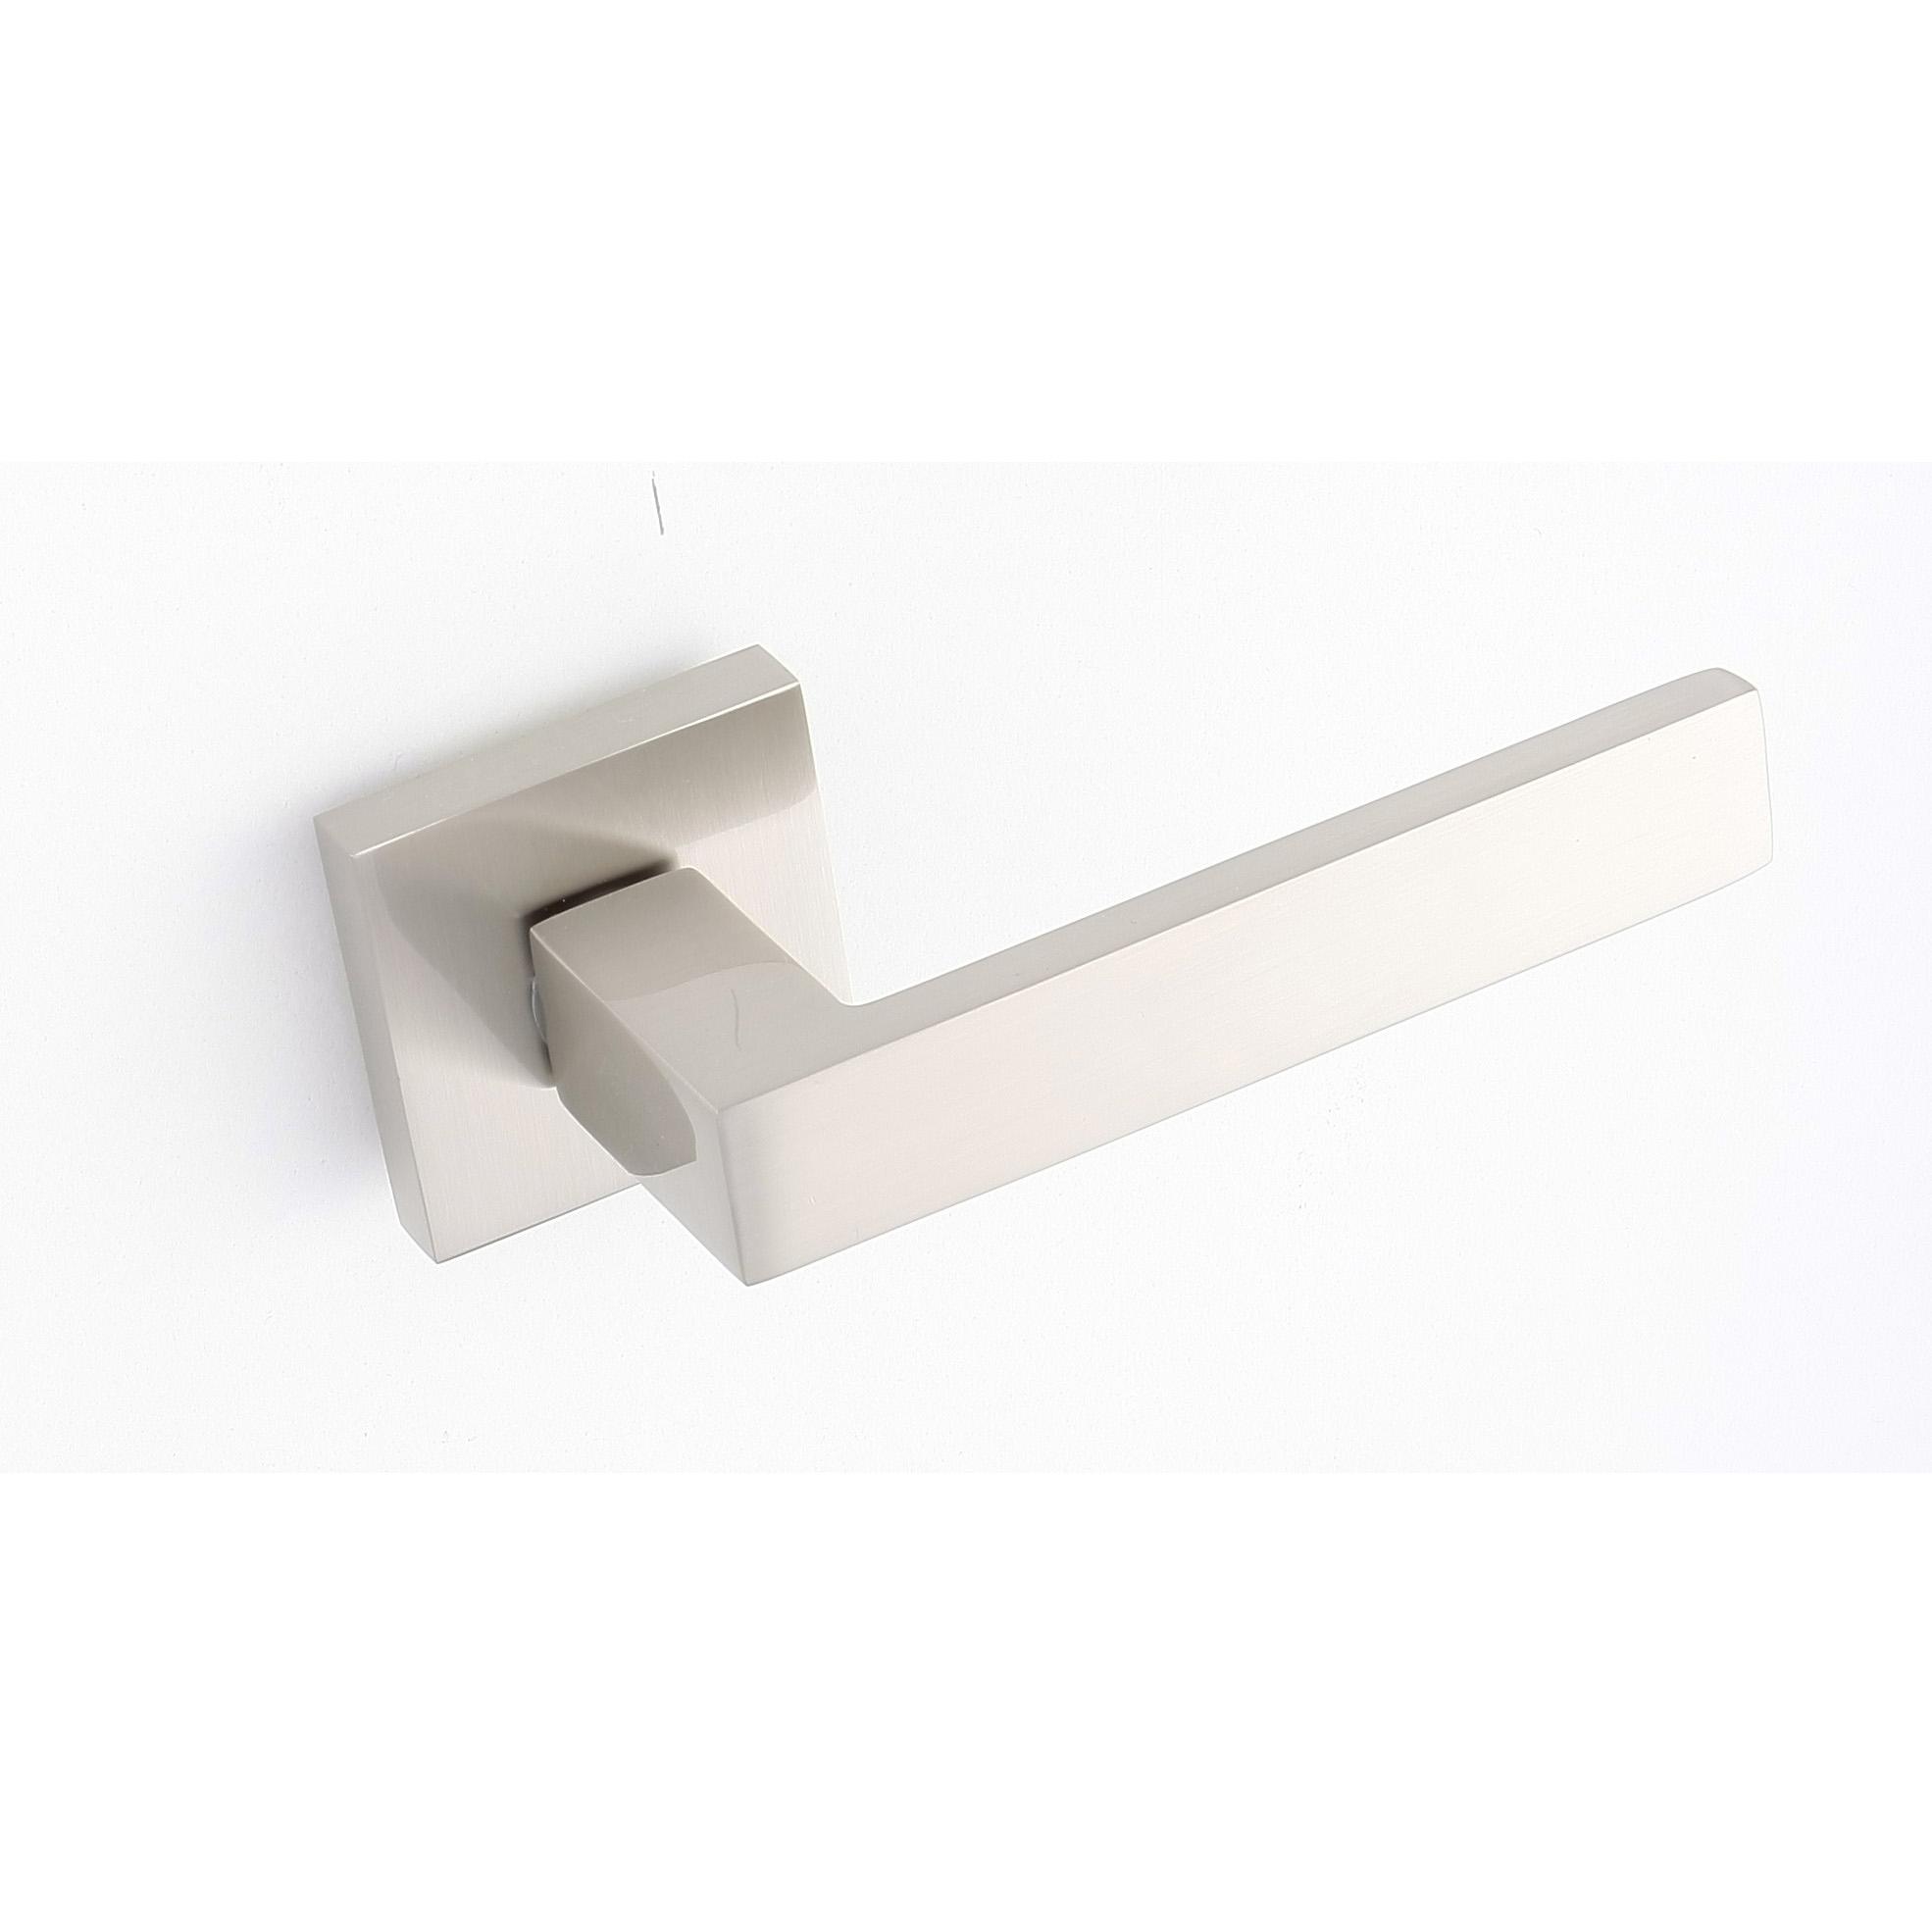 ручки дверные qubik марки kuchinox